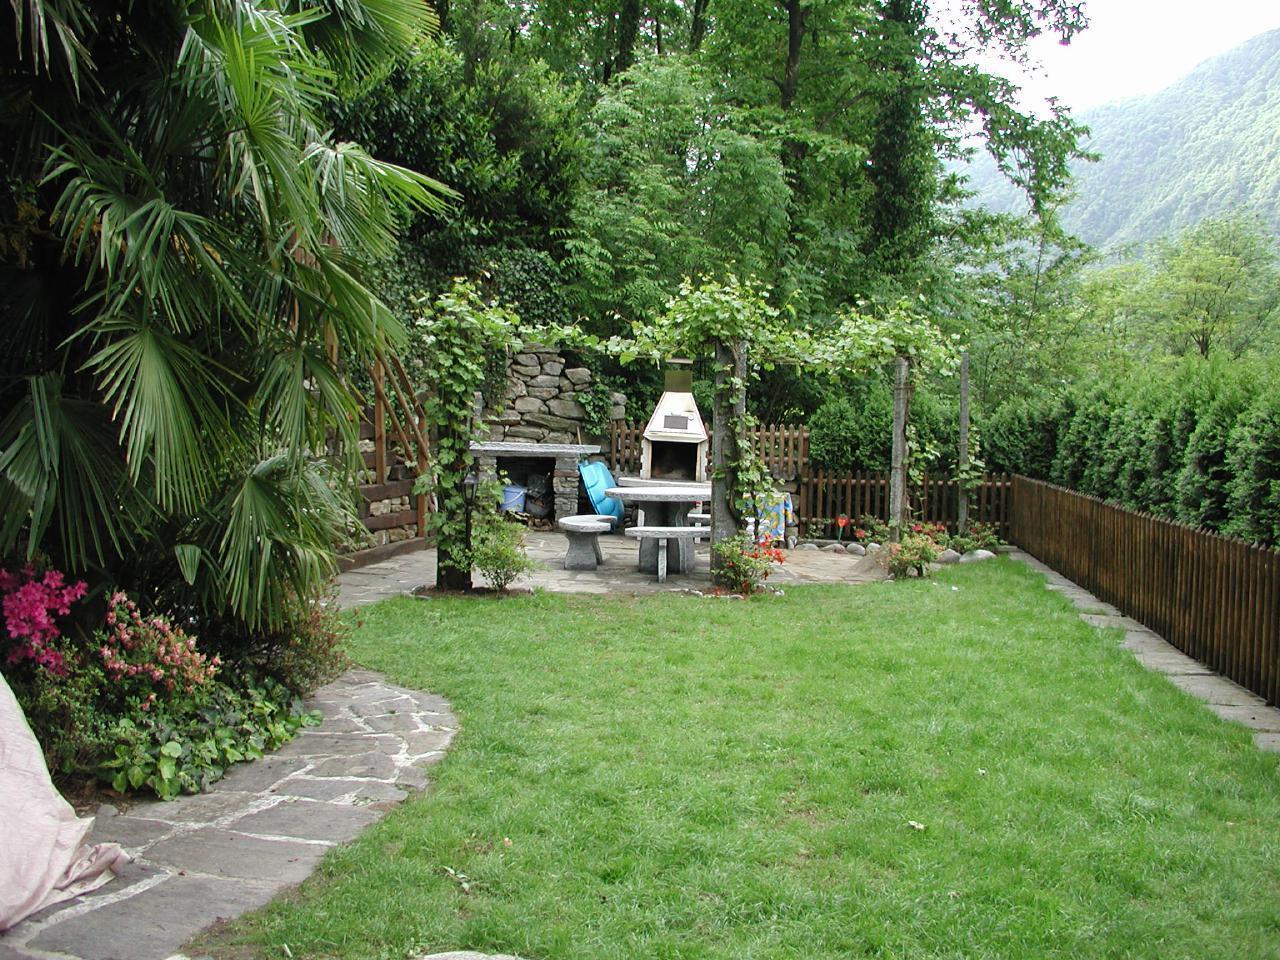 Ferienhaus Casa Aurelia Ferienhaus / Rustico (2024677), Coglio, Maggiatal, Tessin, Schweiz, Bild 2